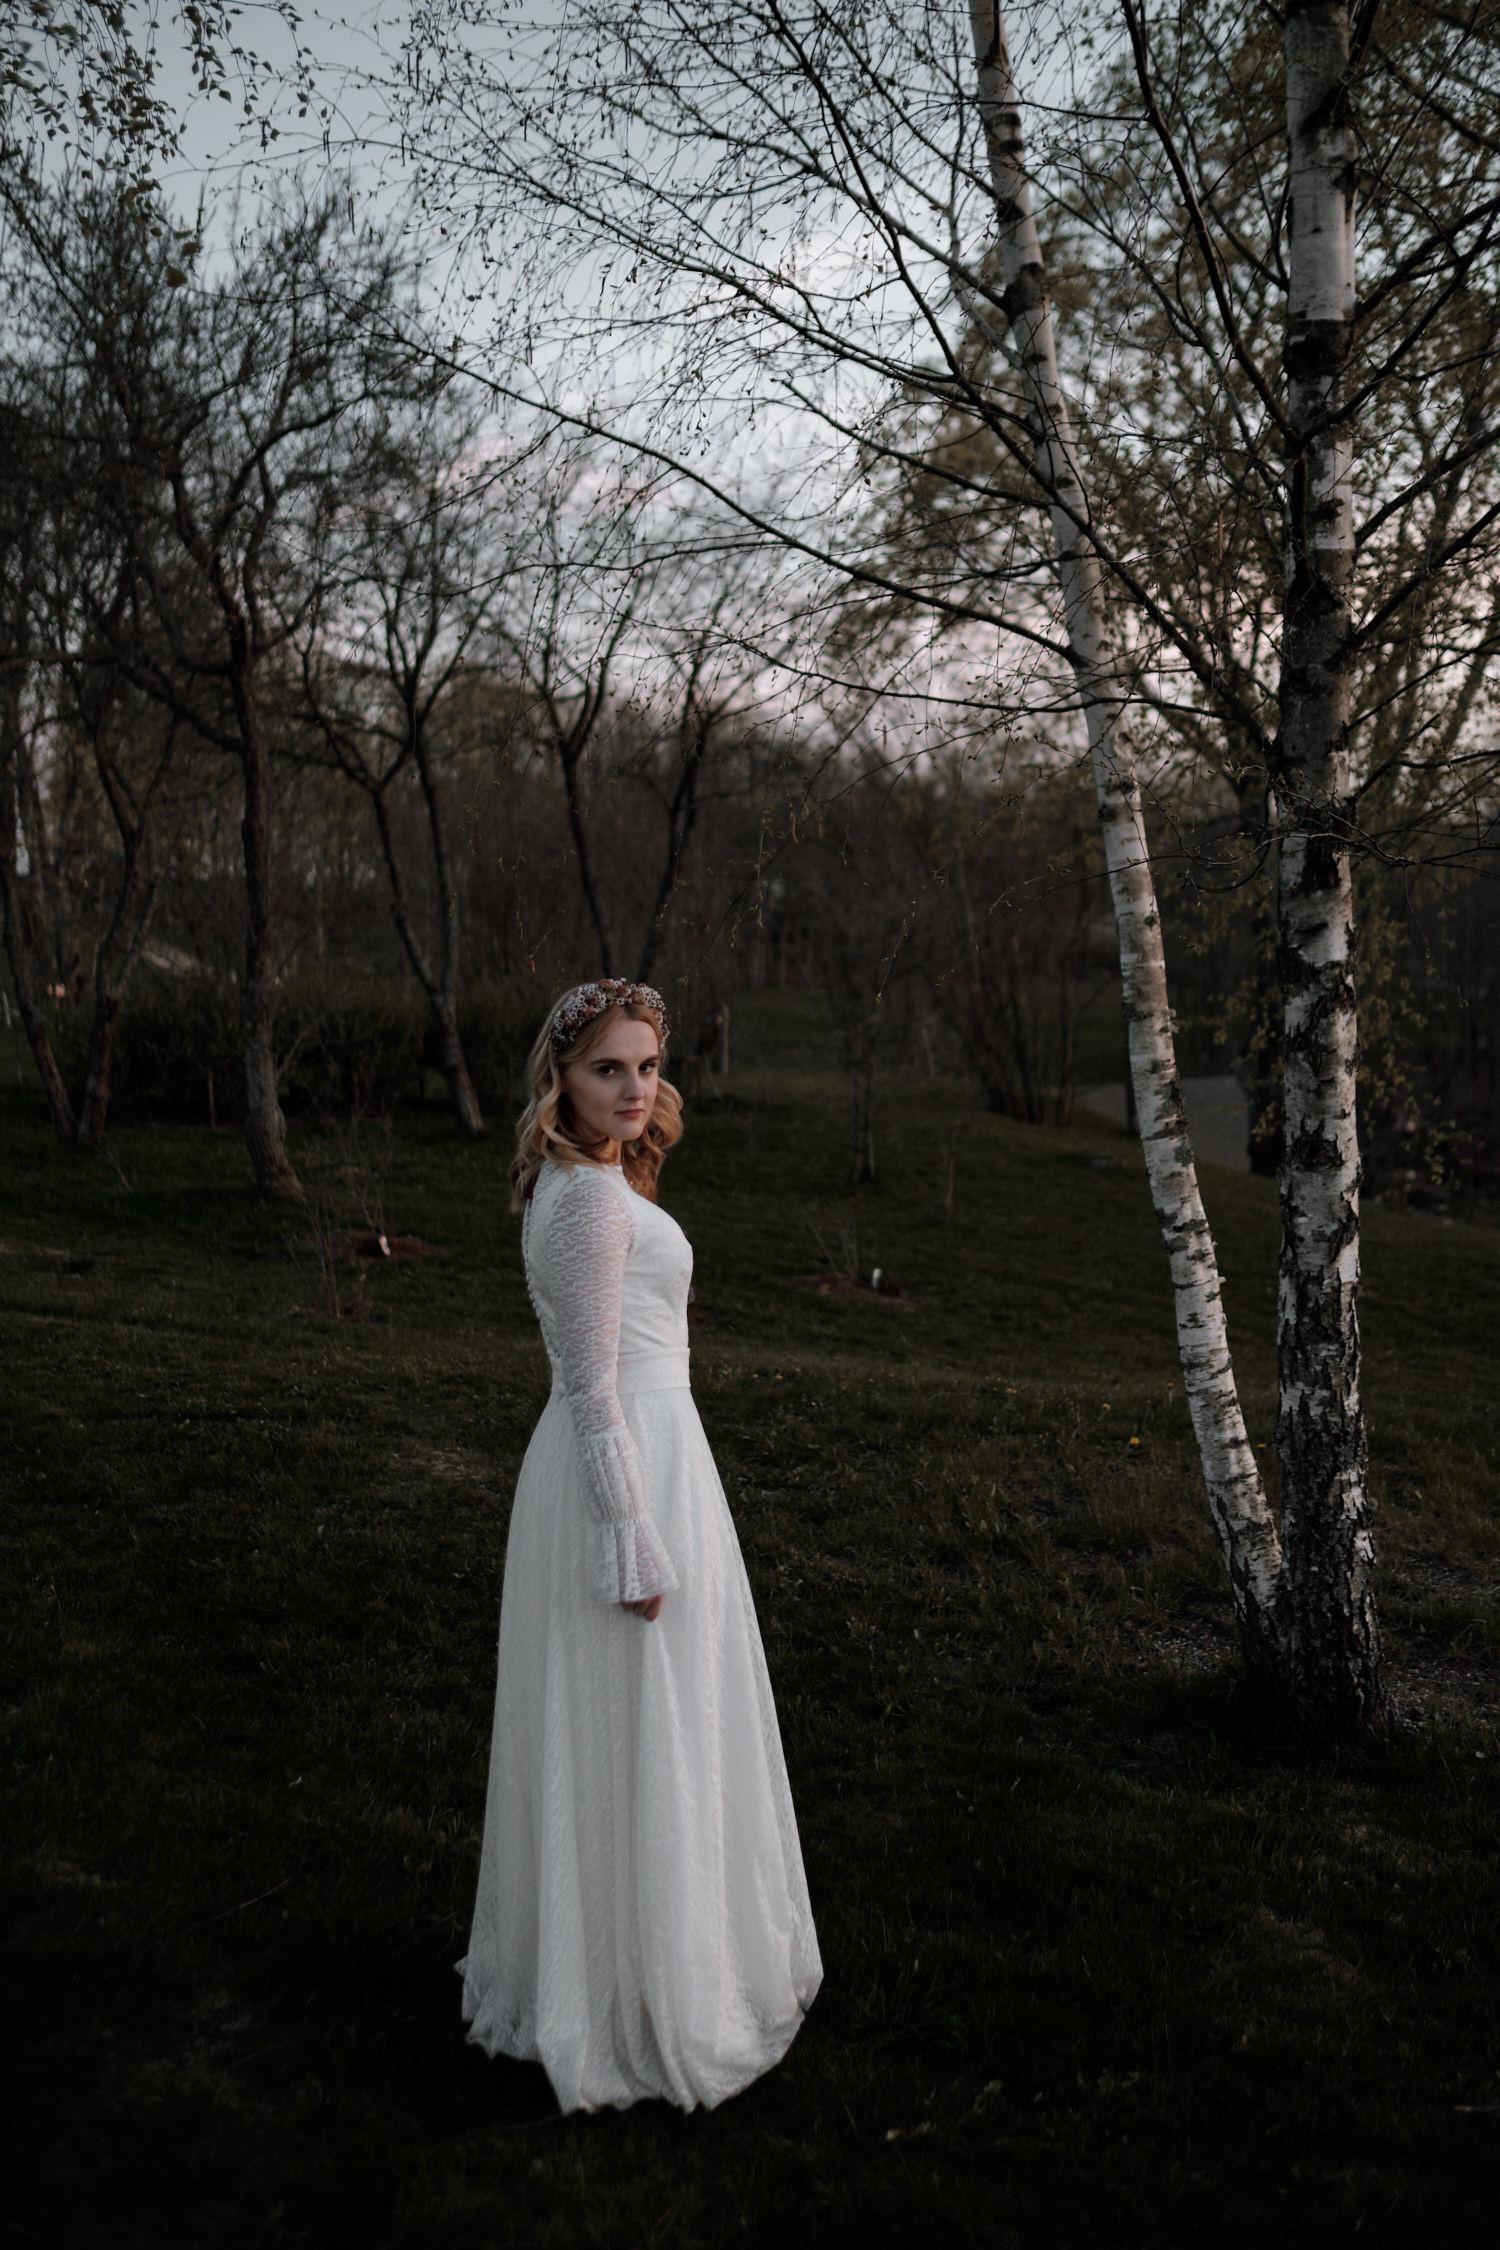 Vidutinio plano Mildos portretas vestuvių dienos vakare, tarp jaunų berželių